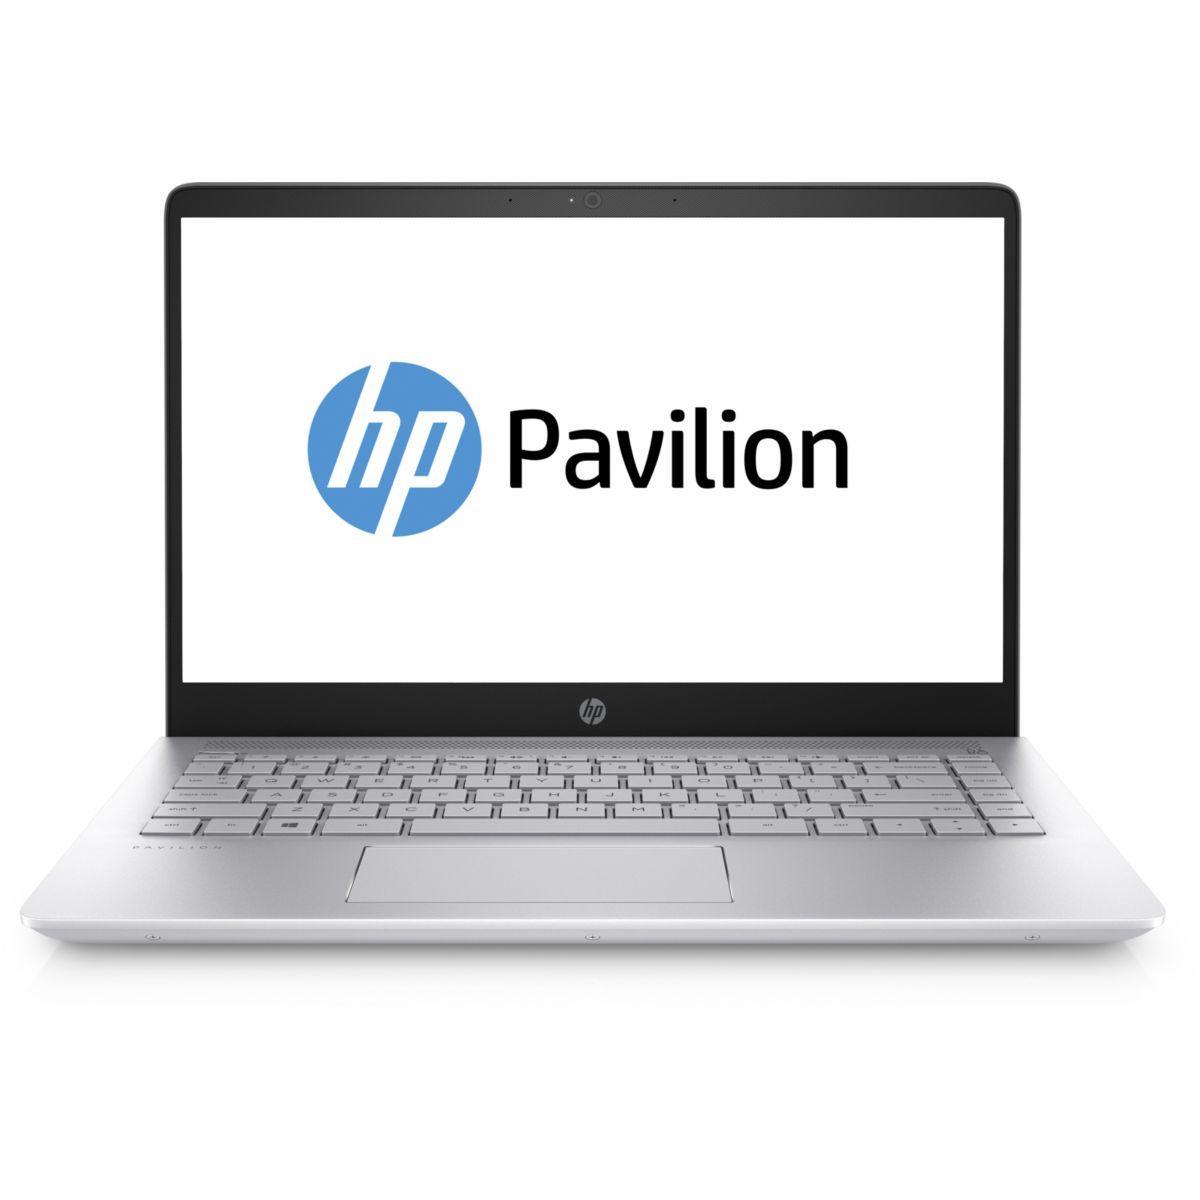 Ordinateur portable hp pavilion 14-bf008nf - livraison offerte : code liv (photo)